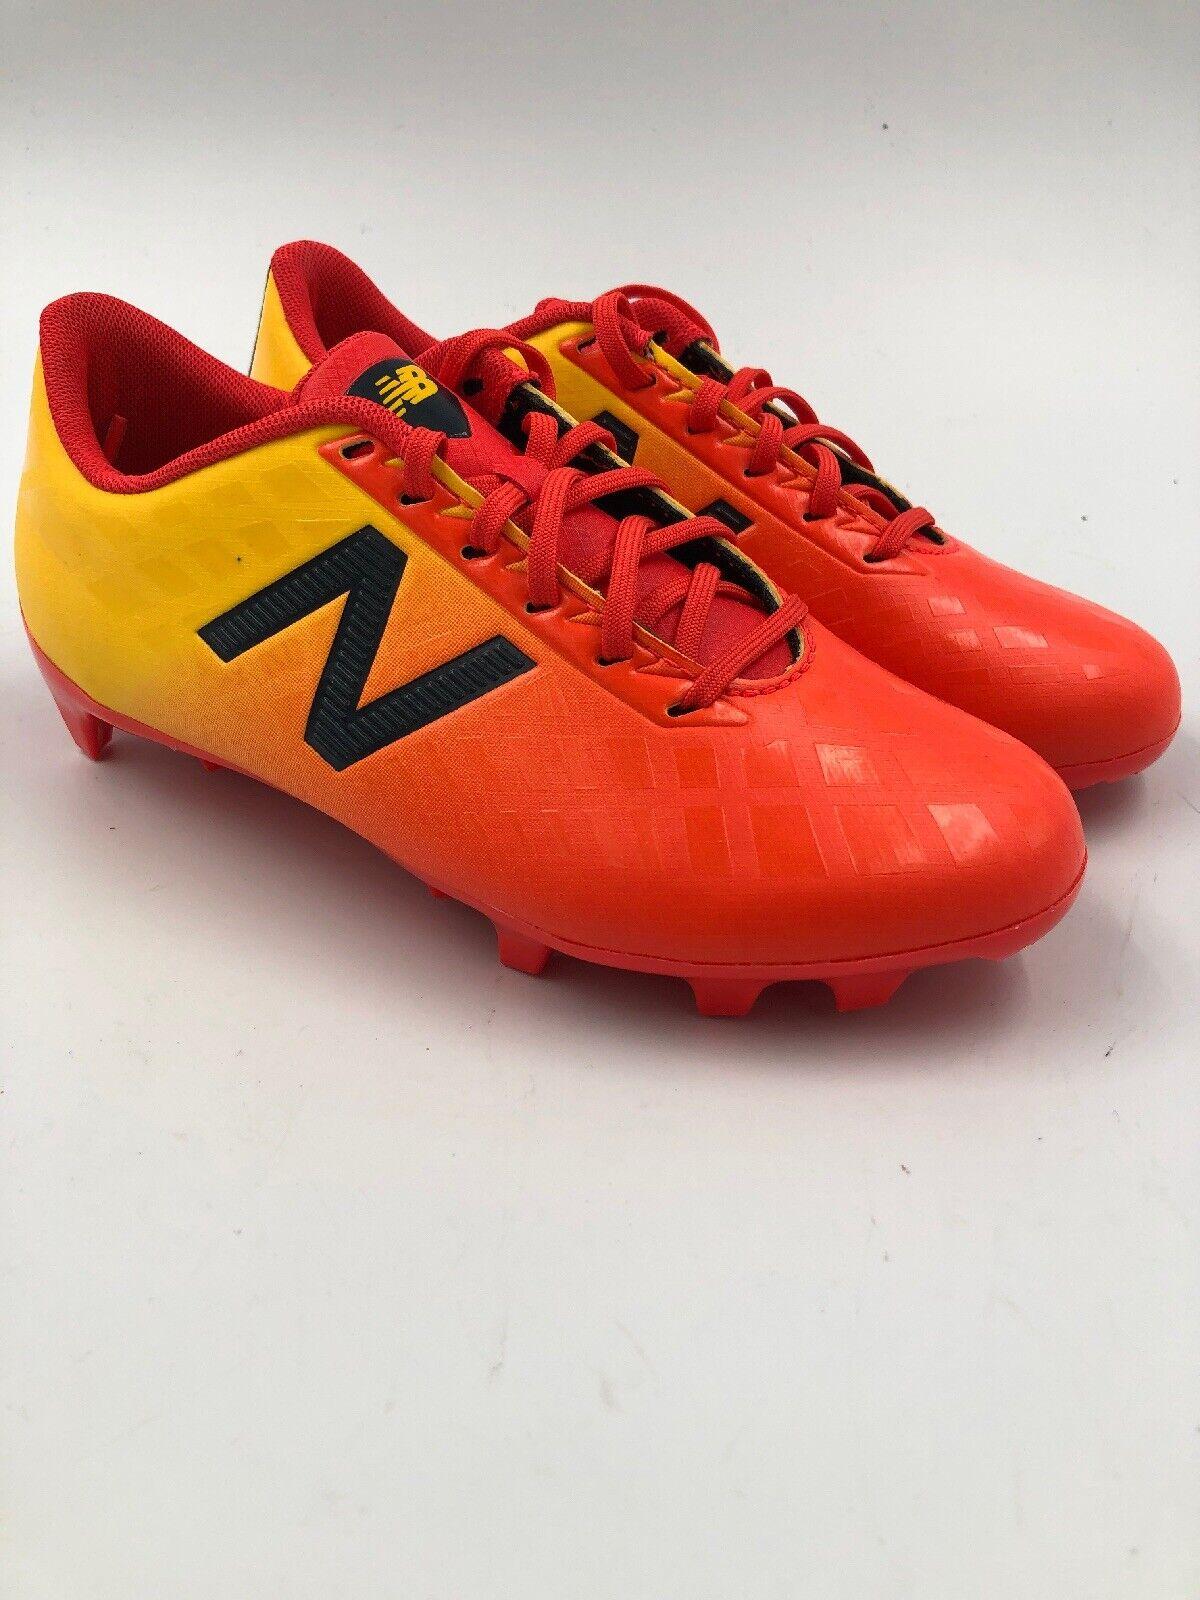 New balance Furón 4 Naranja Amarillo Tacos Juventud tamaño 1.5 Soccer-Nunca Usado